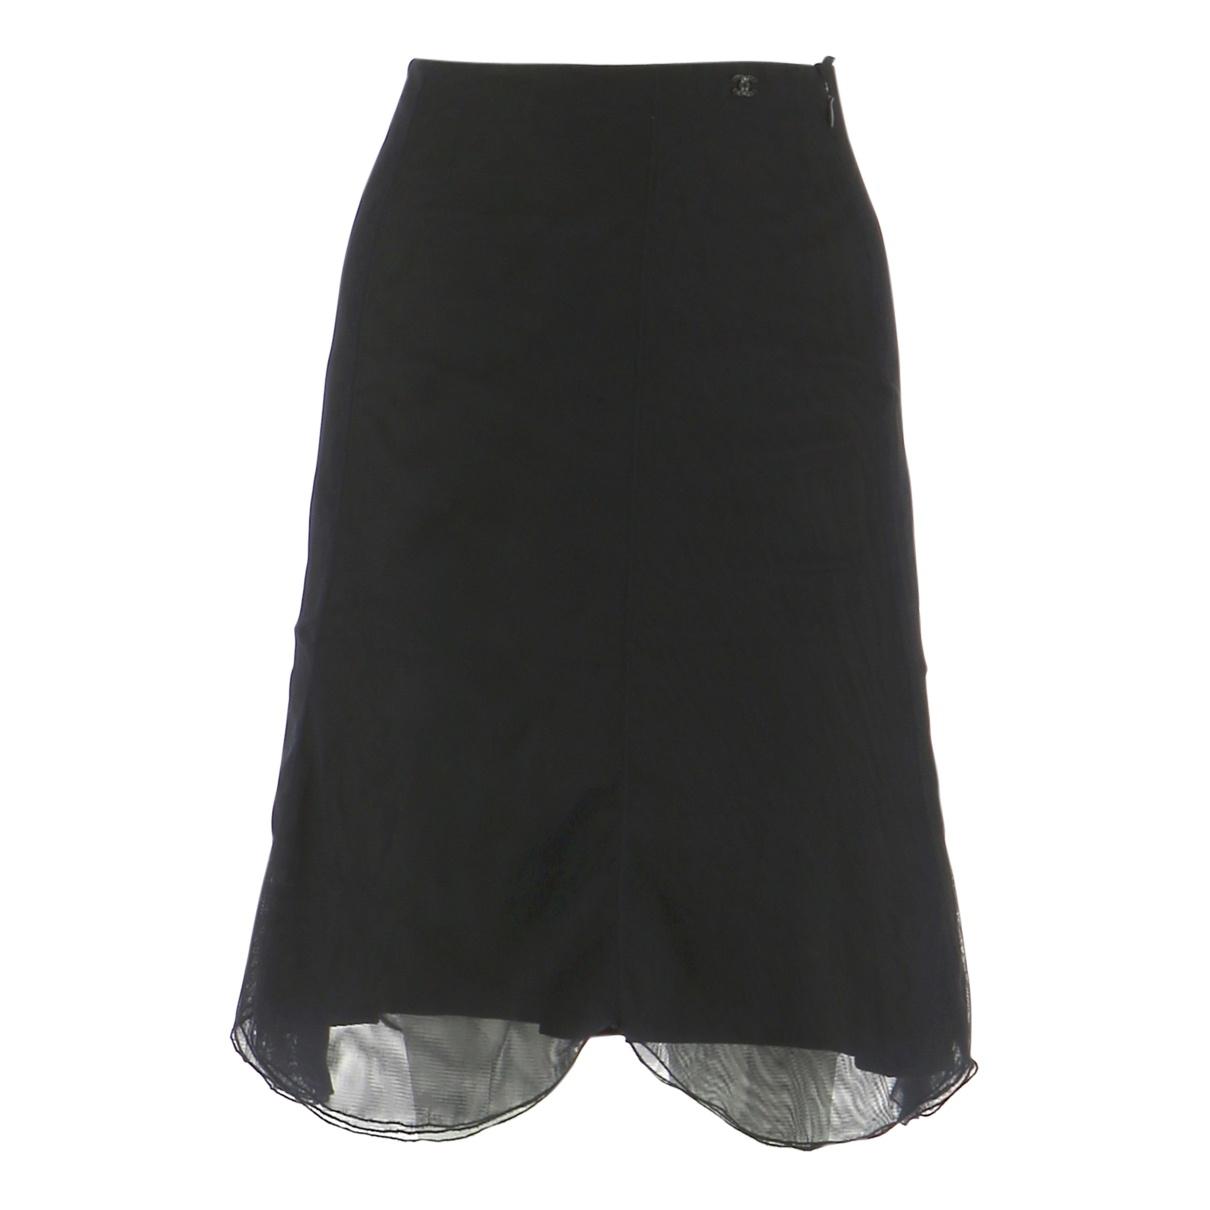 Chanel \N Black skirt for Women 36 FR